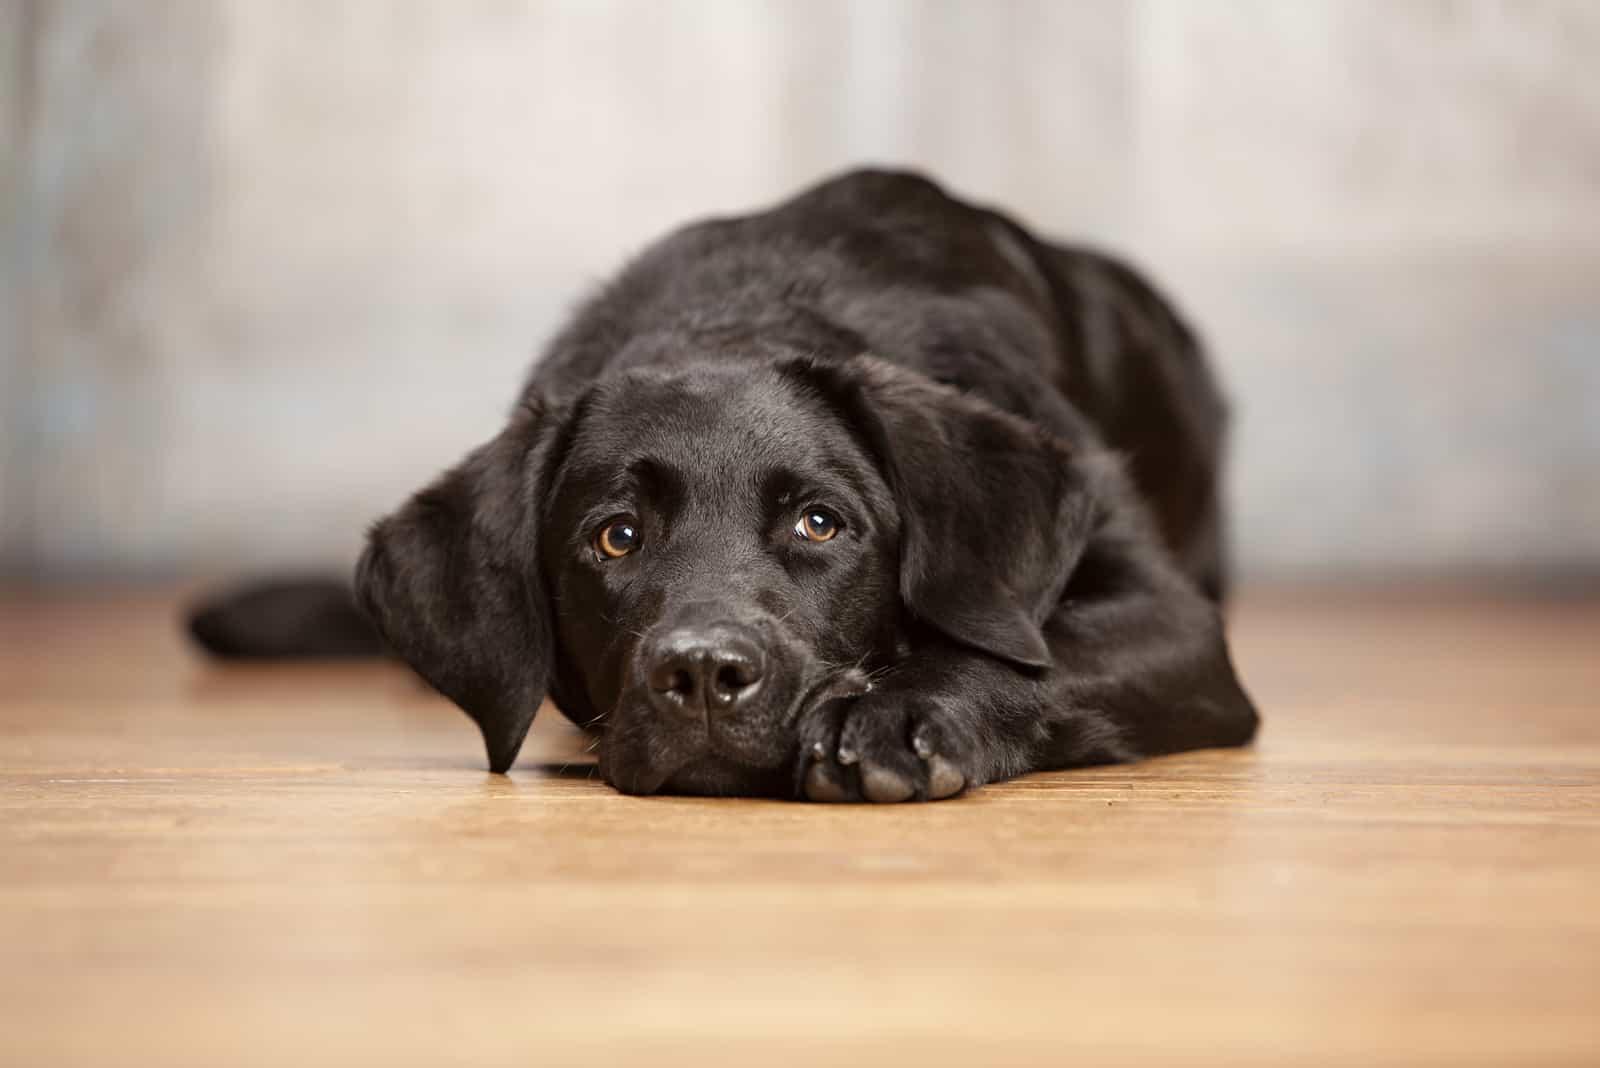 Entzückender schwarzer Hund, der auf einem Holzboden liegt